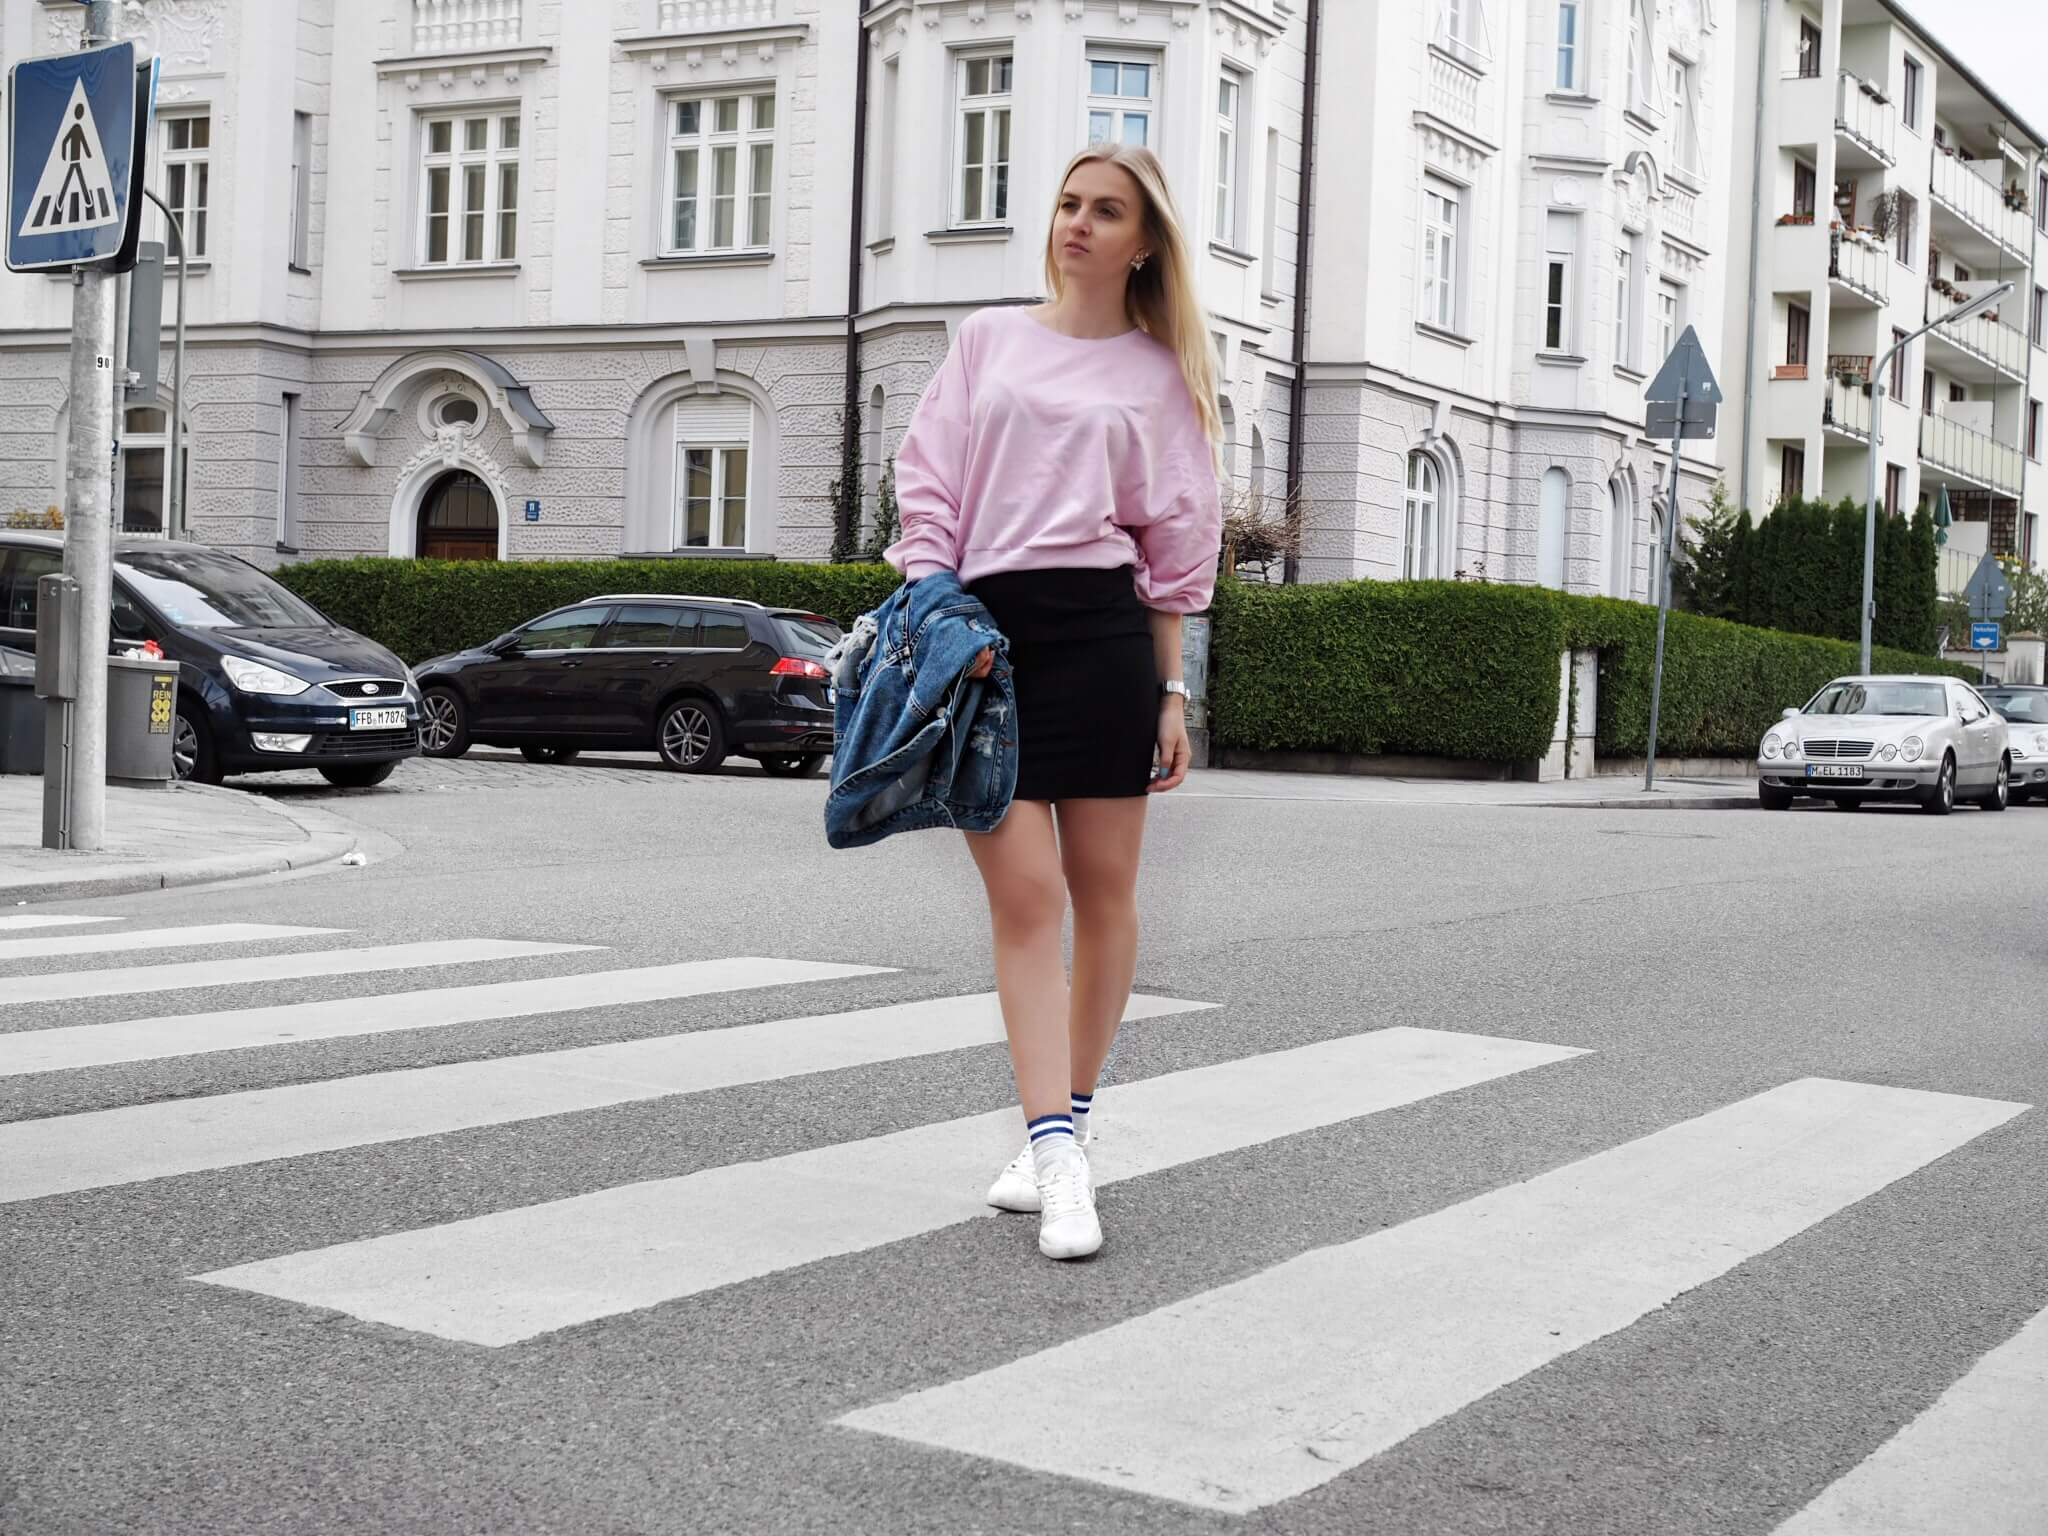 Bleistiftrock rosa Pullover Sneaker Socken Jeansjacke Fashionblog Modeblog Katefully München Munich Outfit ootd